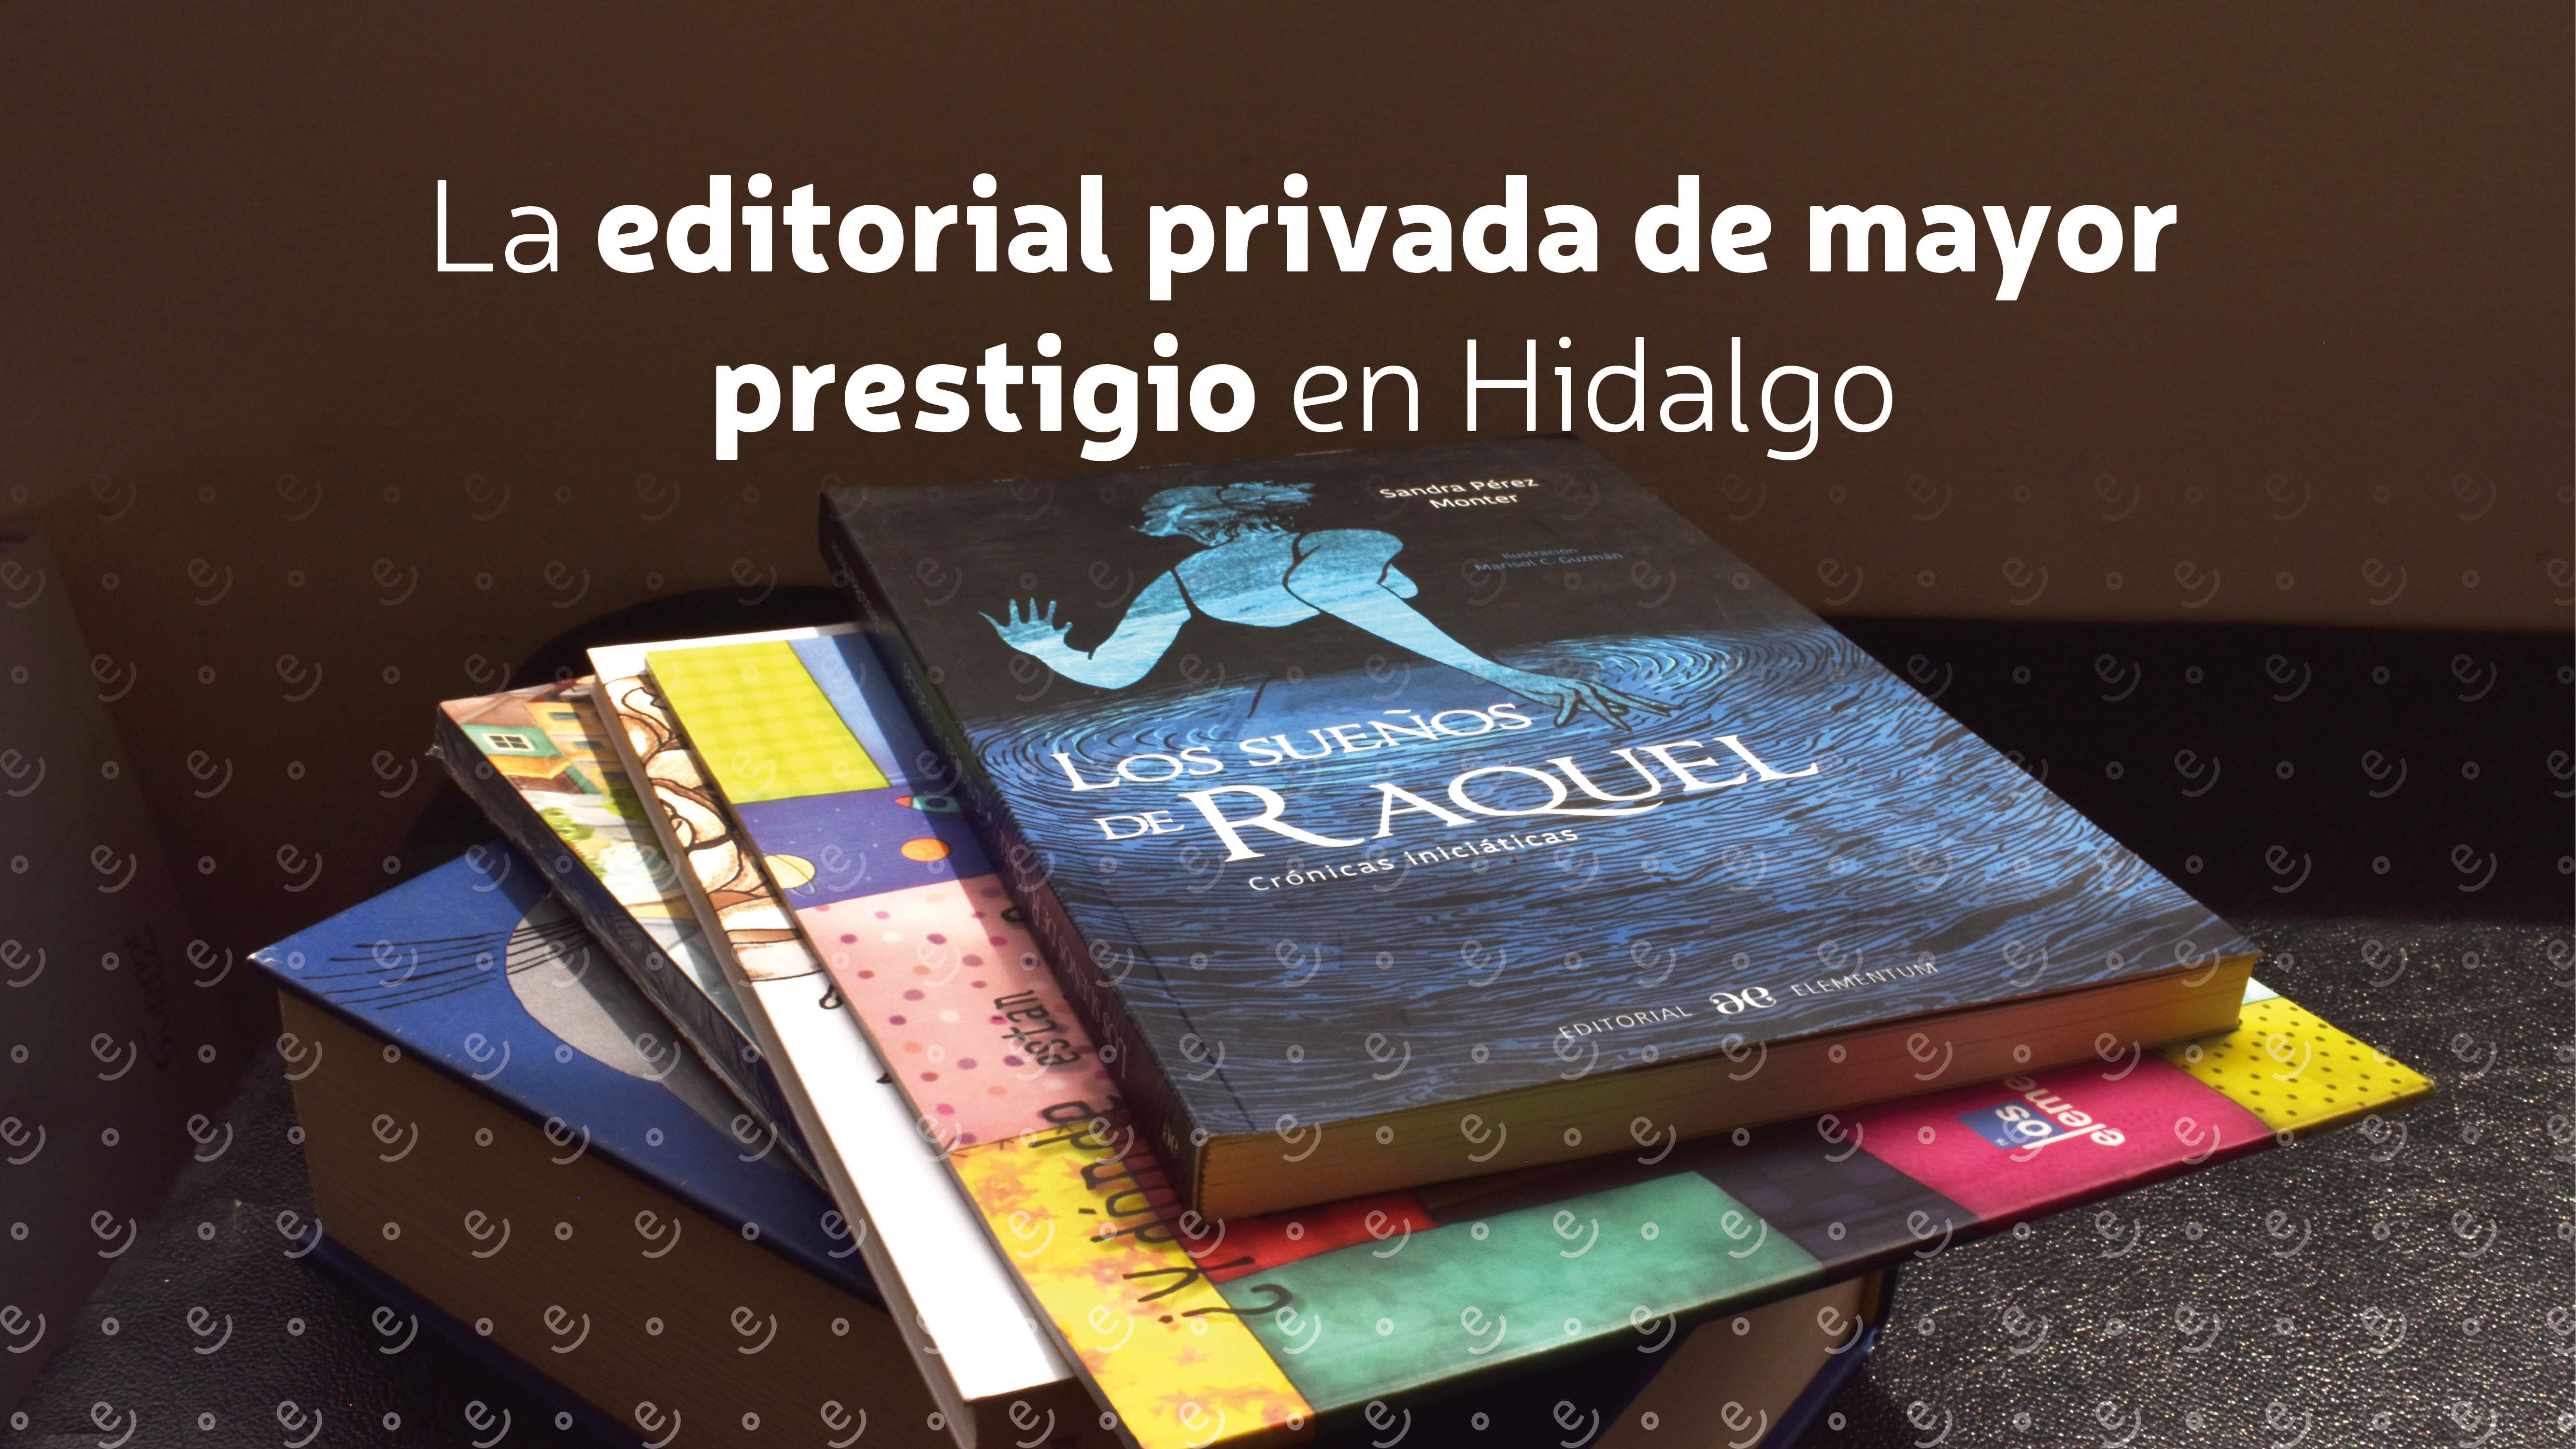 Editorial privada de mayor prestigio en Hidalgo